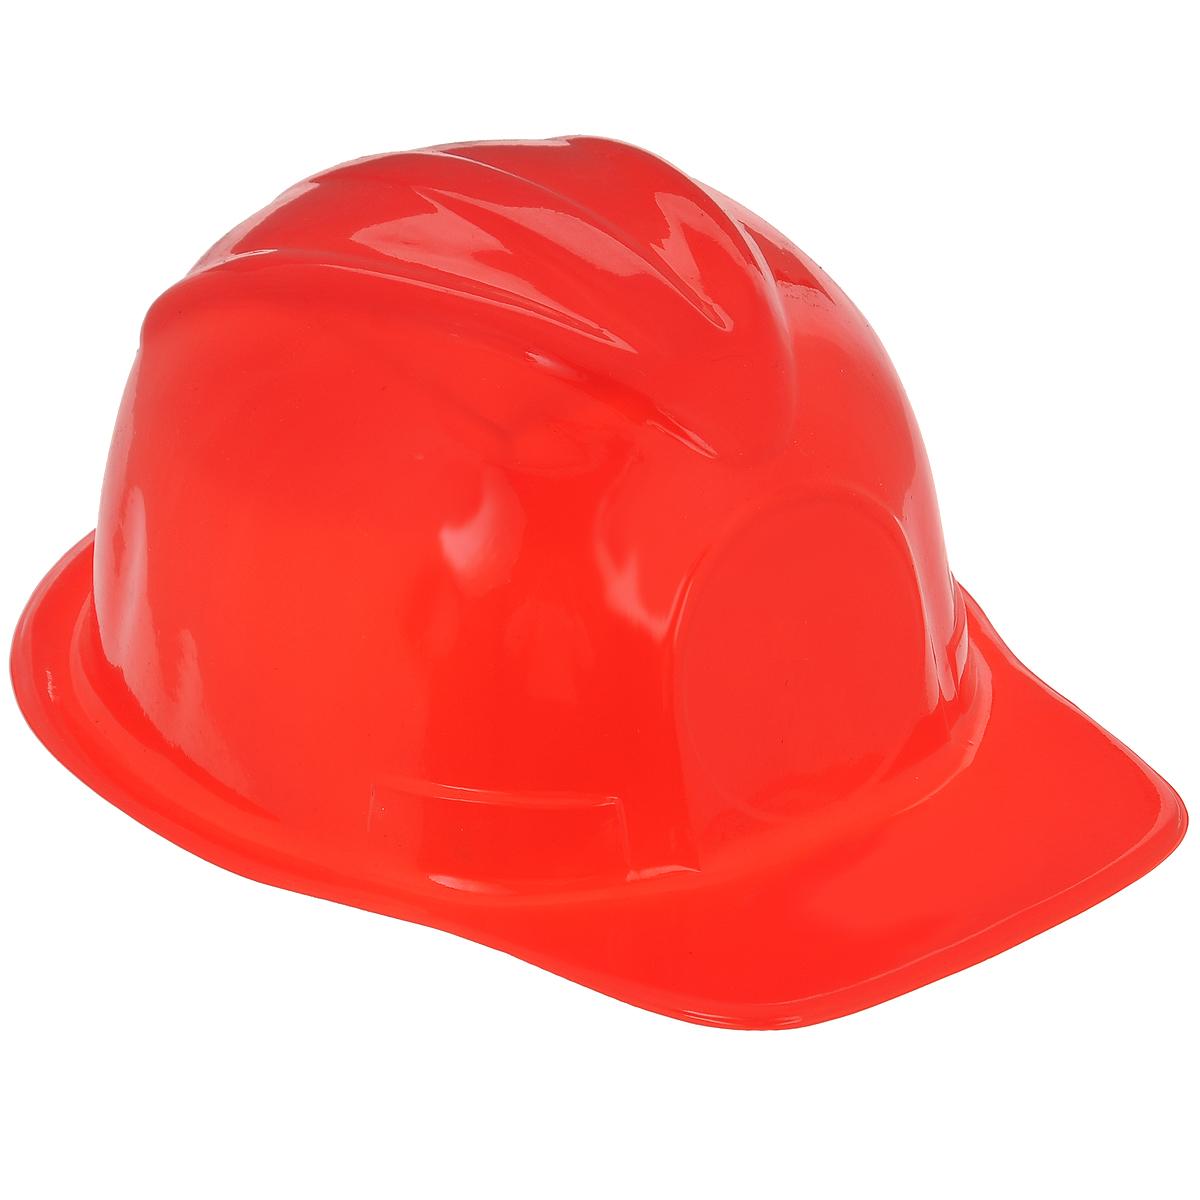 Маскарадная шляпа Каска, цвет: красный, 51,5 см. 31346 шляпа для игрушек 3488159 размер 10 см красный